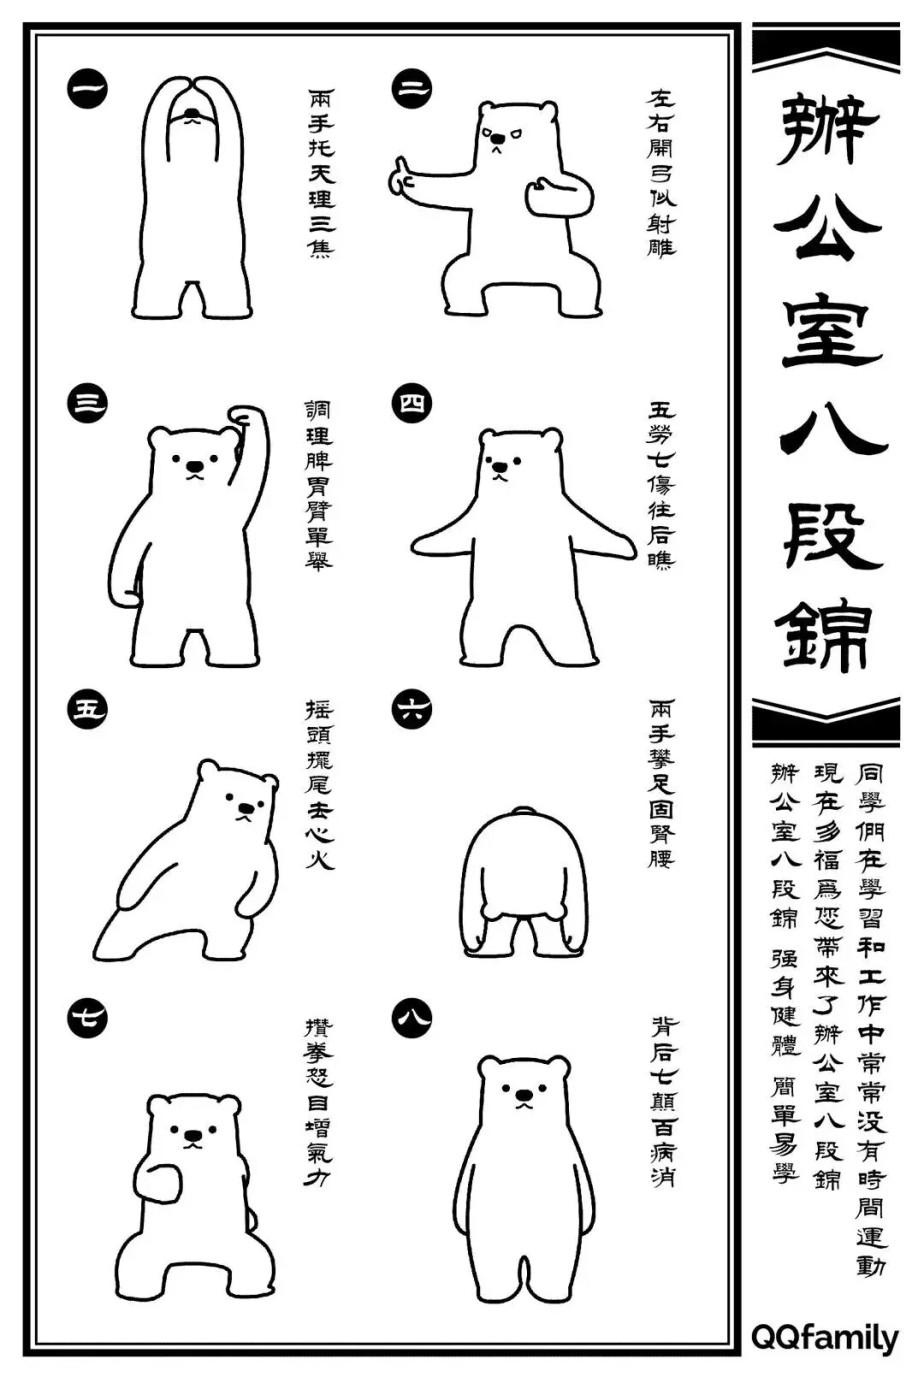 八段錦_1